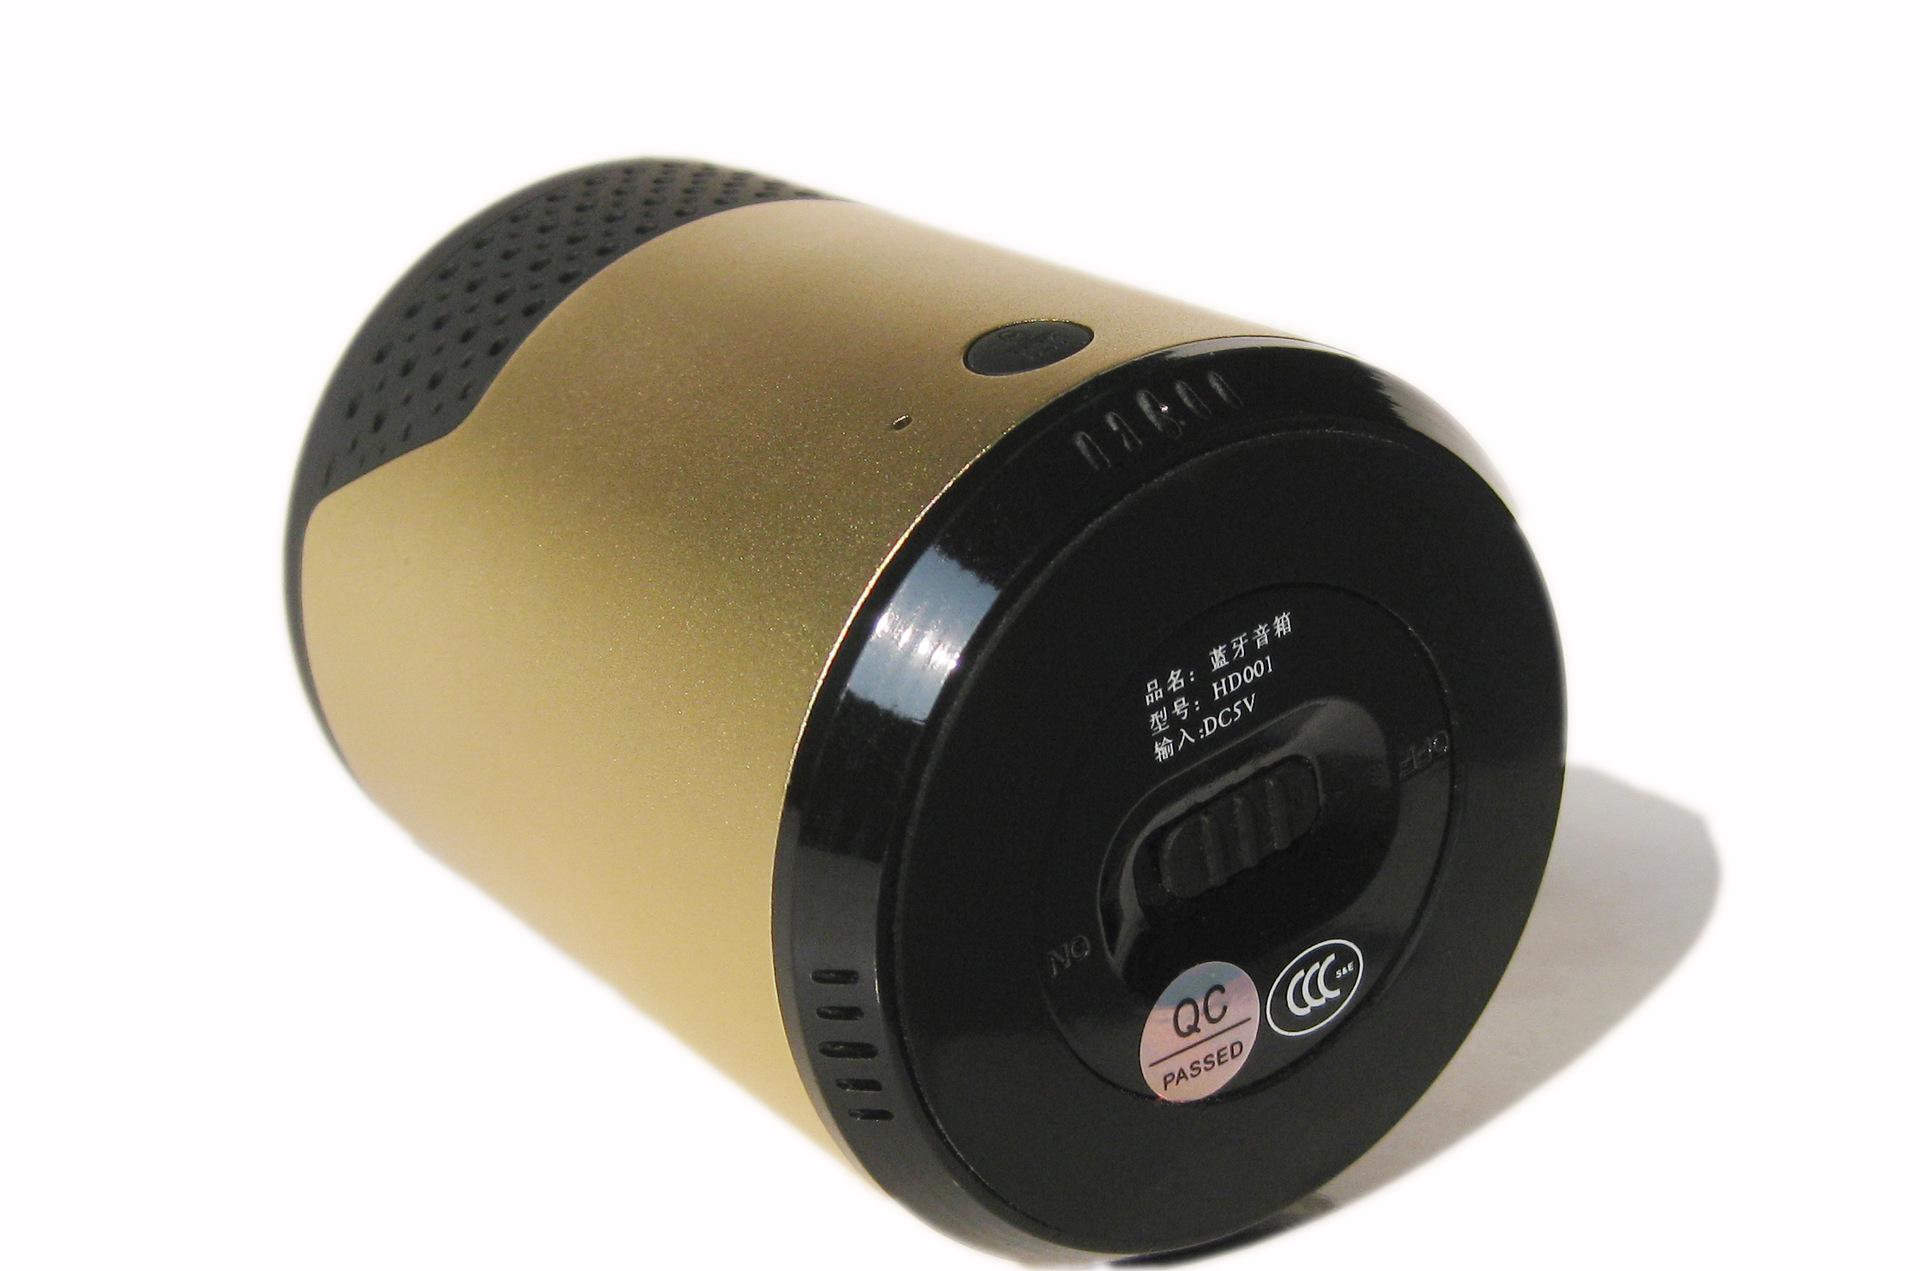 生产厂家迷你蓝牙插卡优质小音箱低音炮重力感应摇晃换曲礼品科技